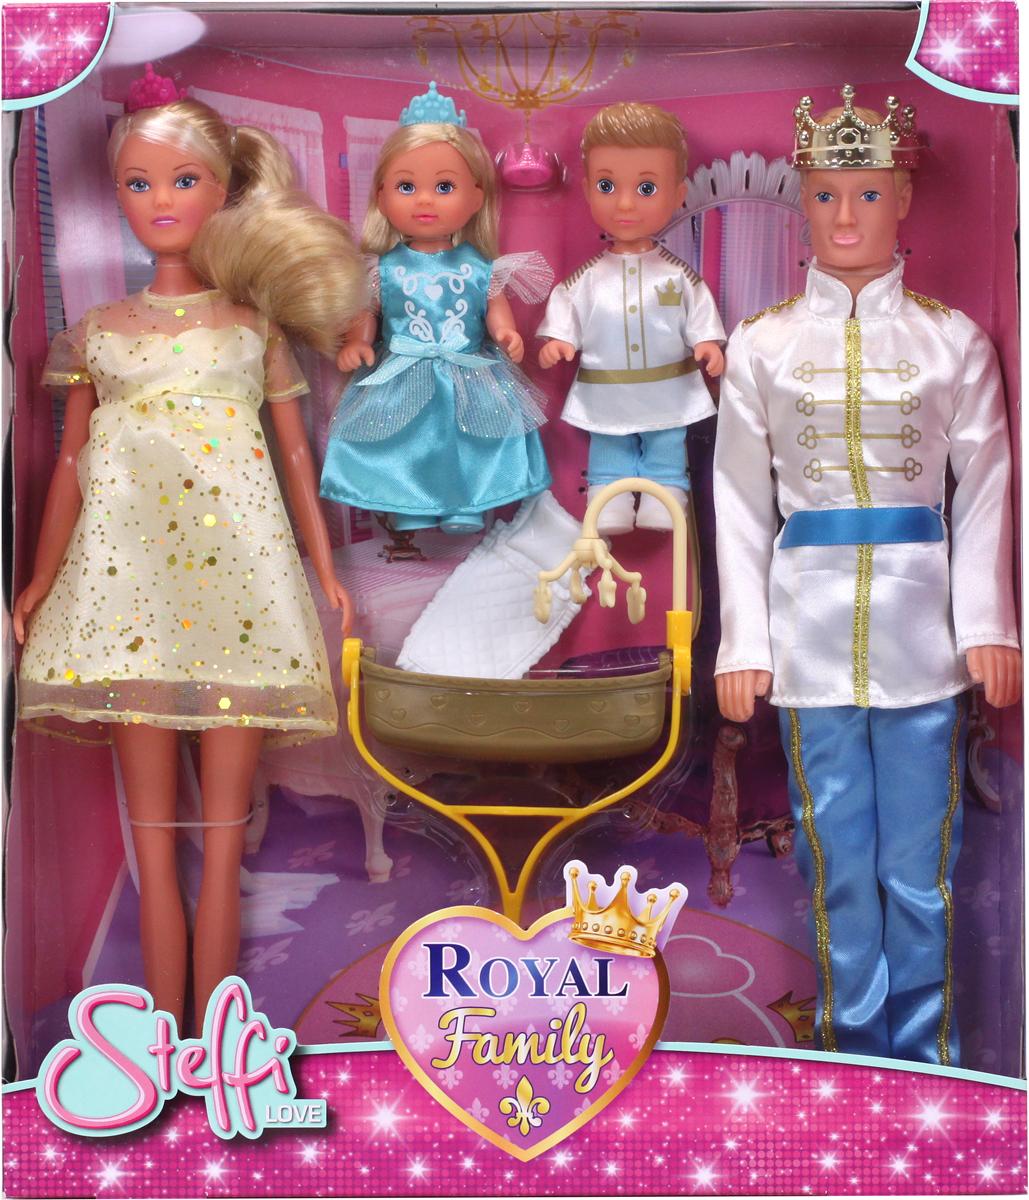 Simba Набор кукол Штеффи Кевин Еви Тимми Королевская семья куклы и одежда для кукол simba кукла еви и тимми на аттракционах 12 cм